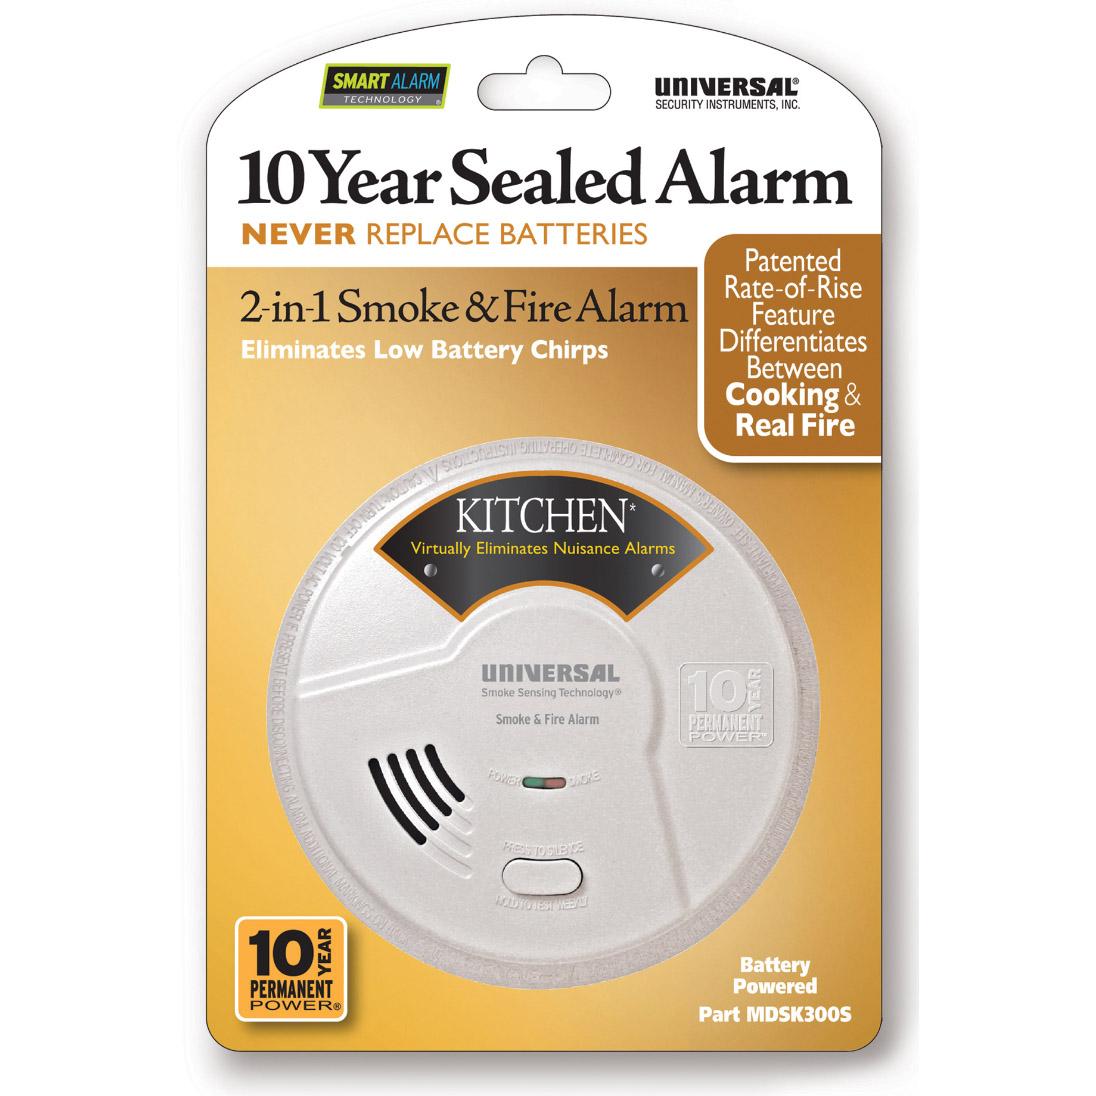 Kitchen Smoke Detectors